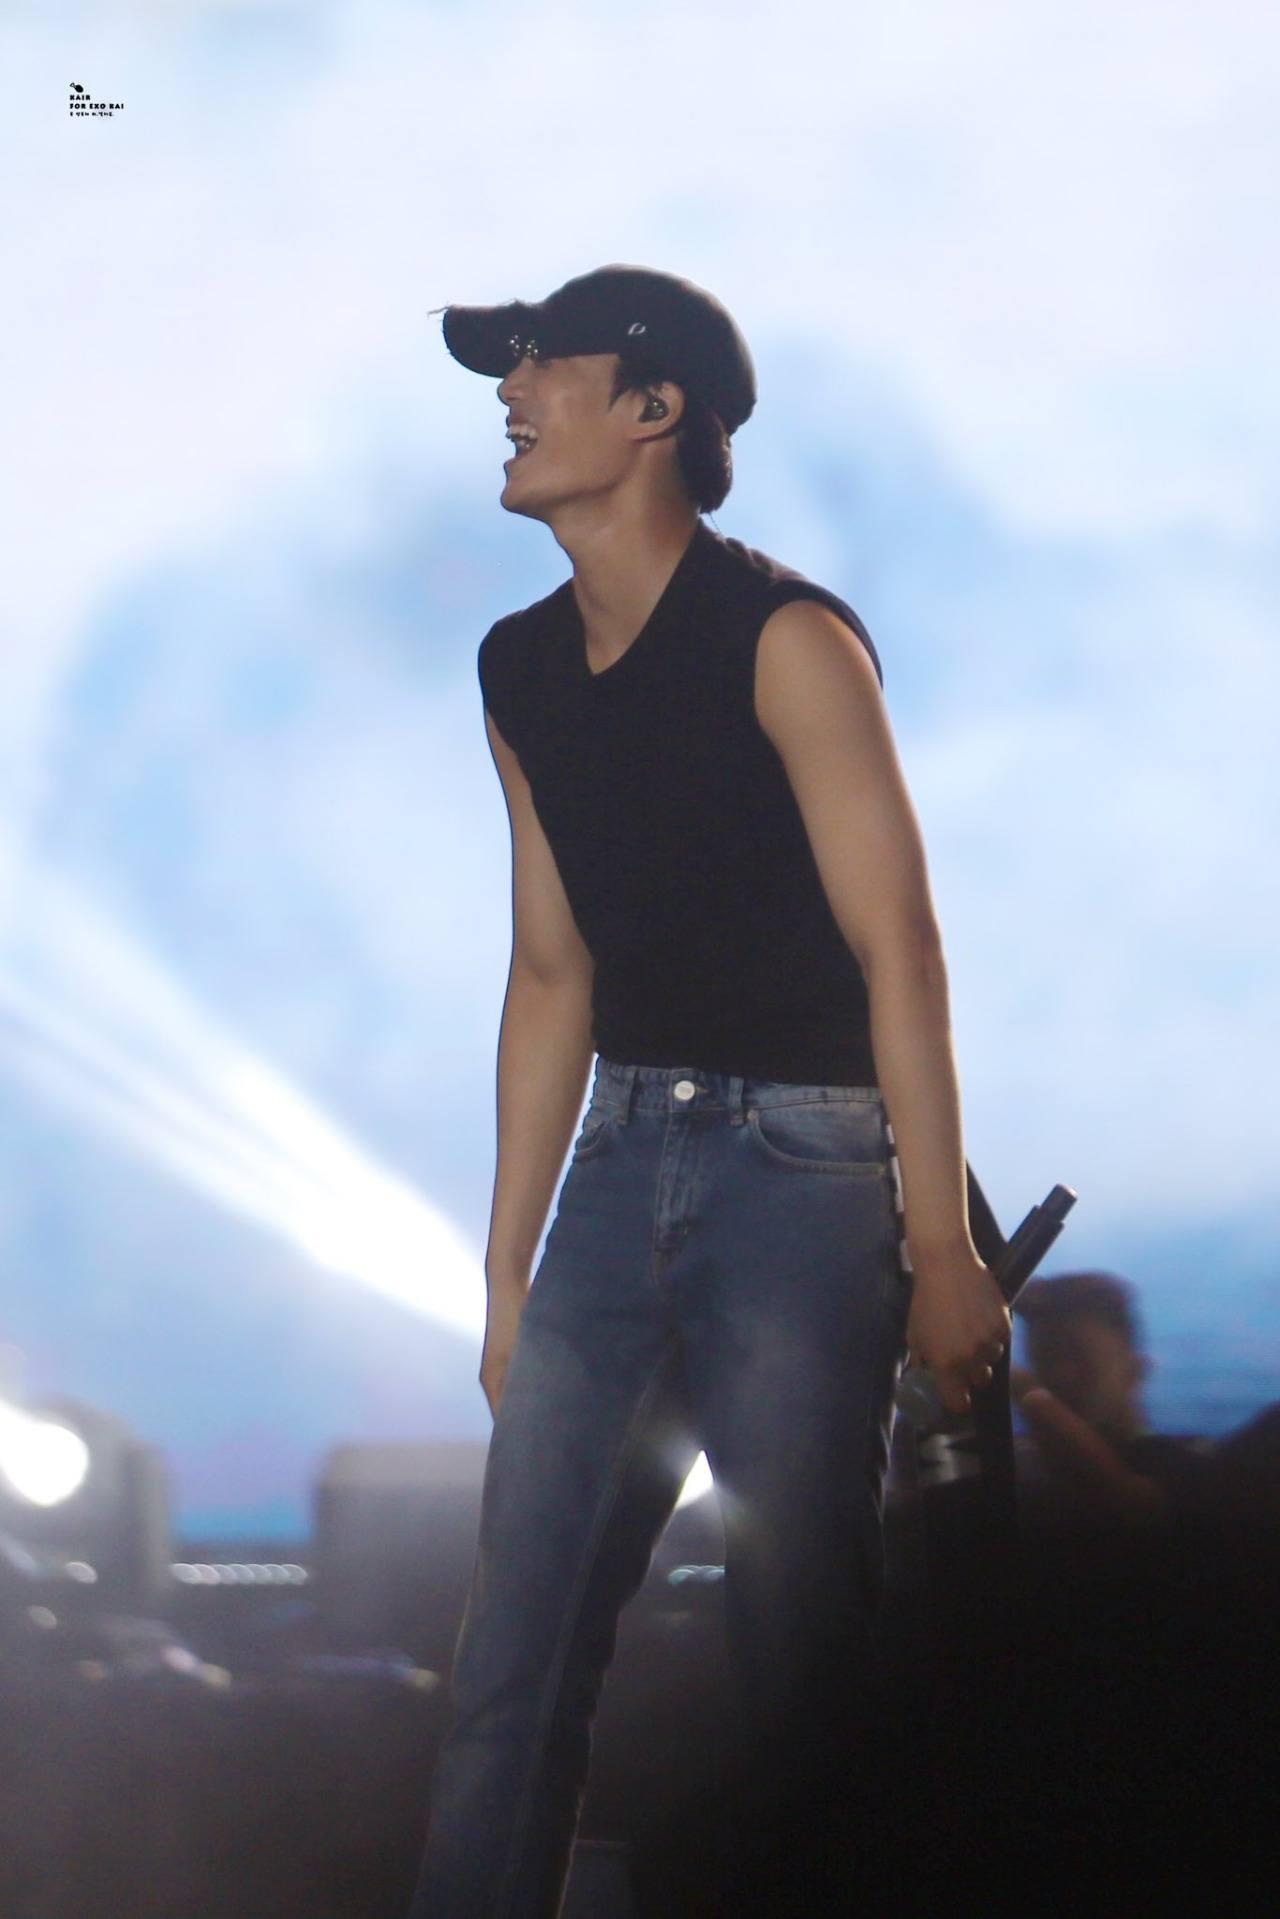 exo kais sudden muscular transformation shocks fans